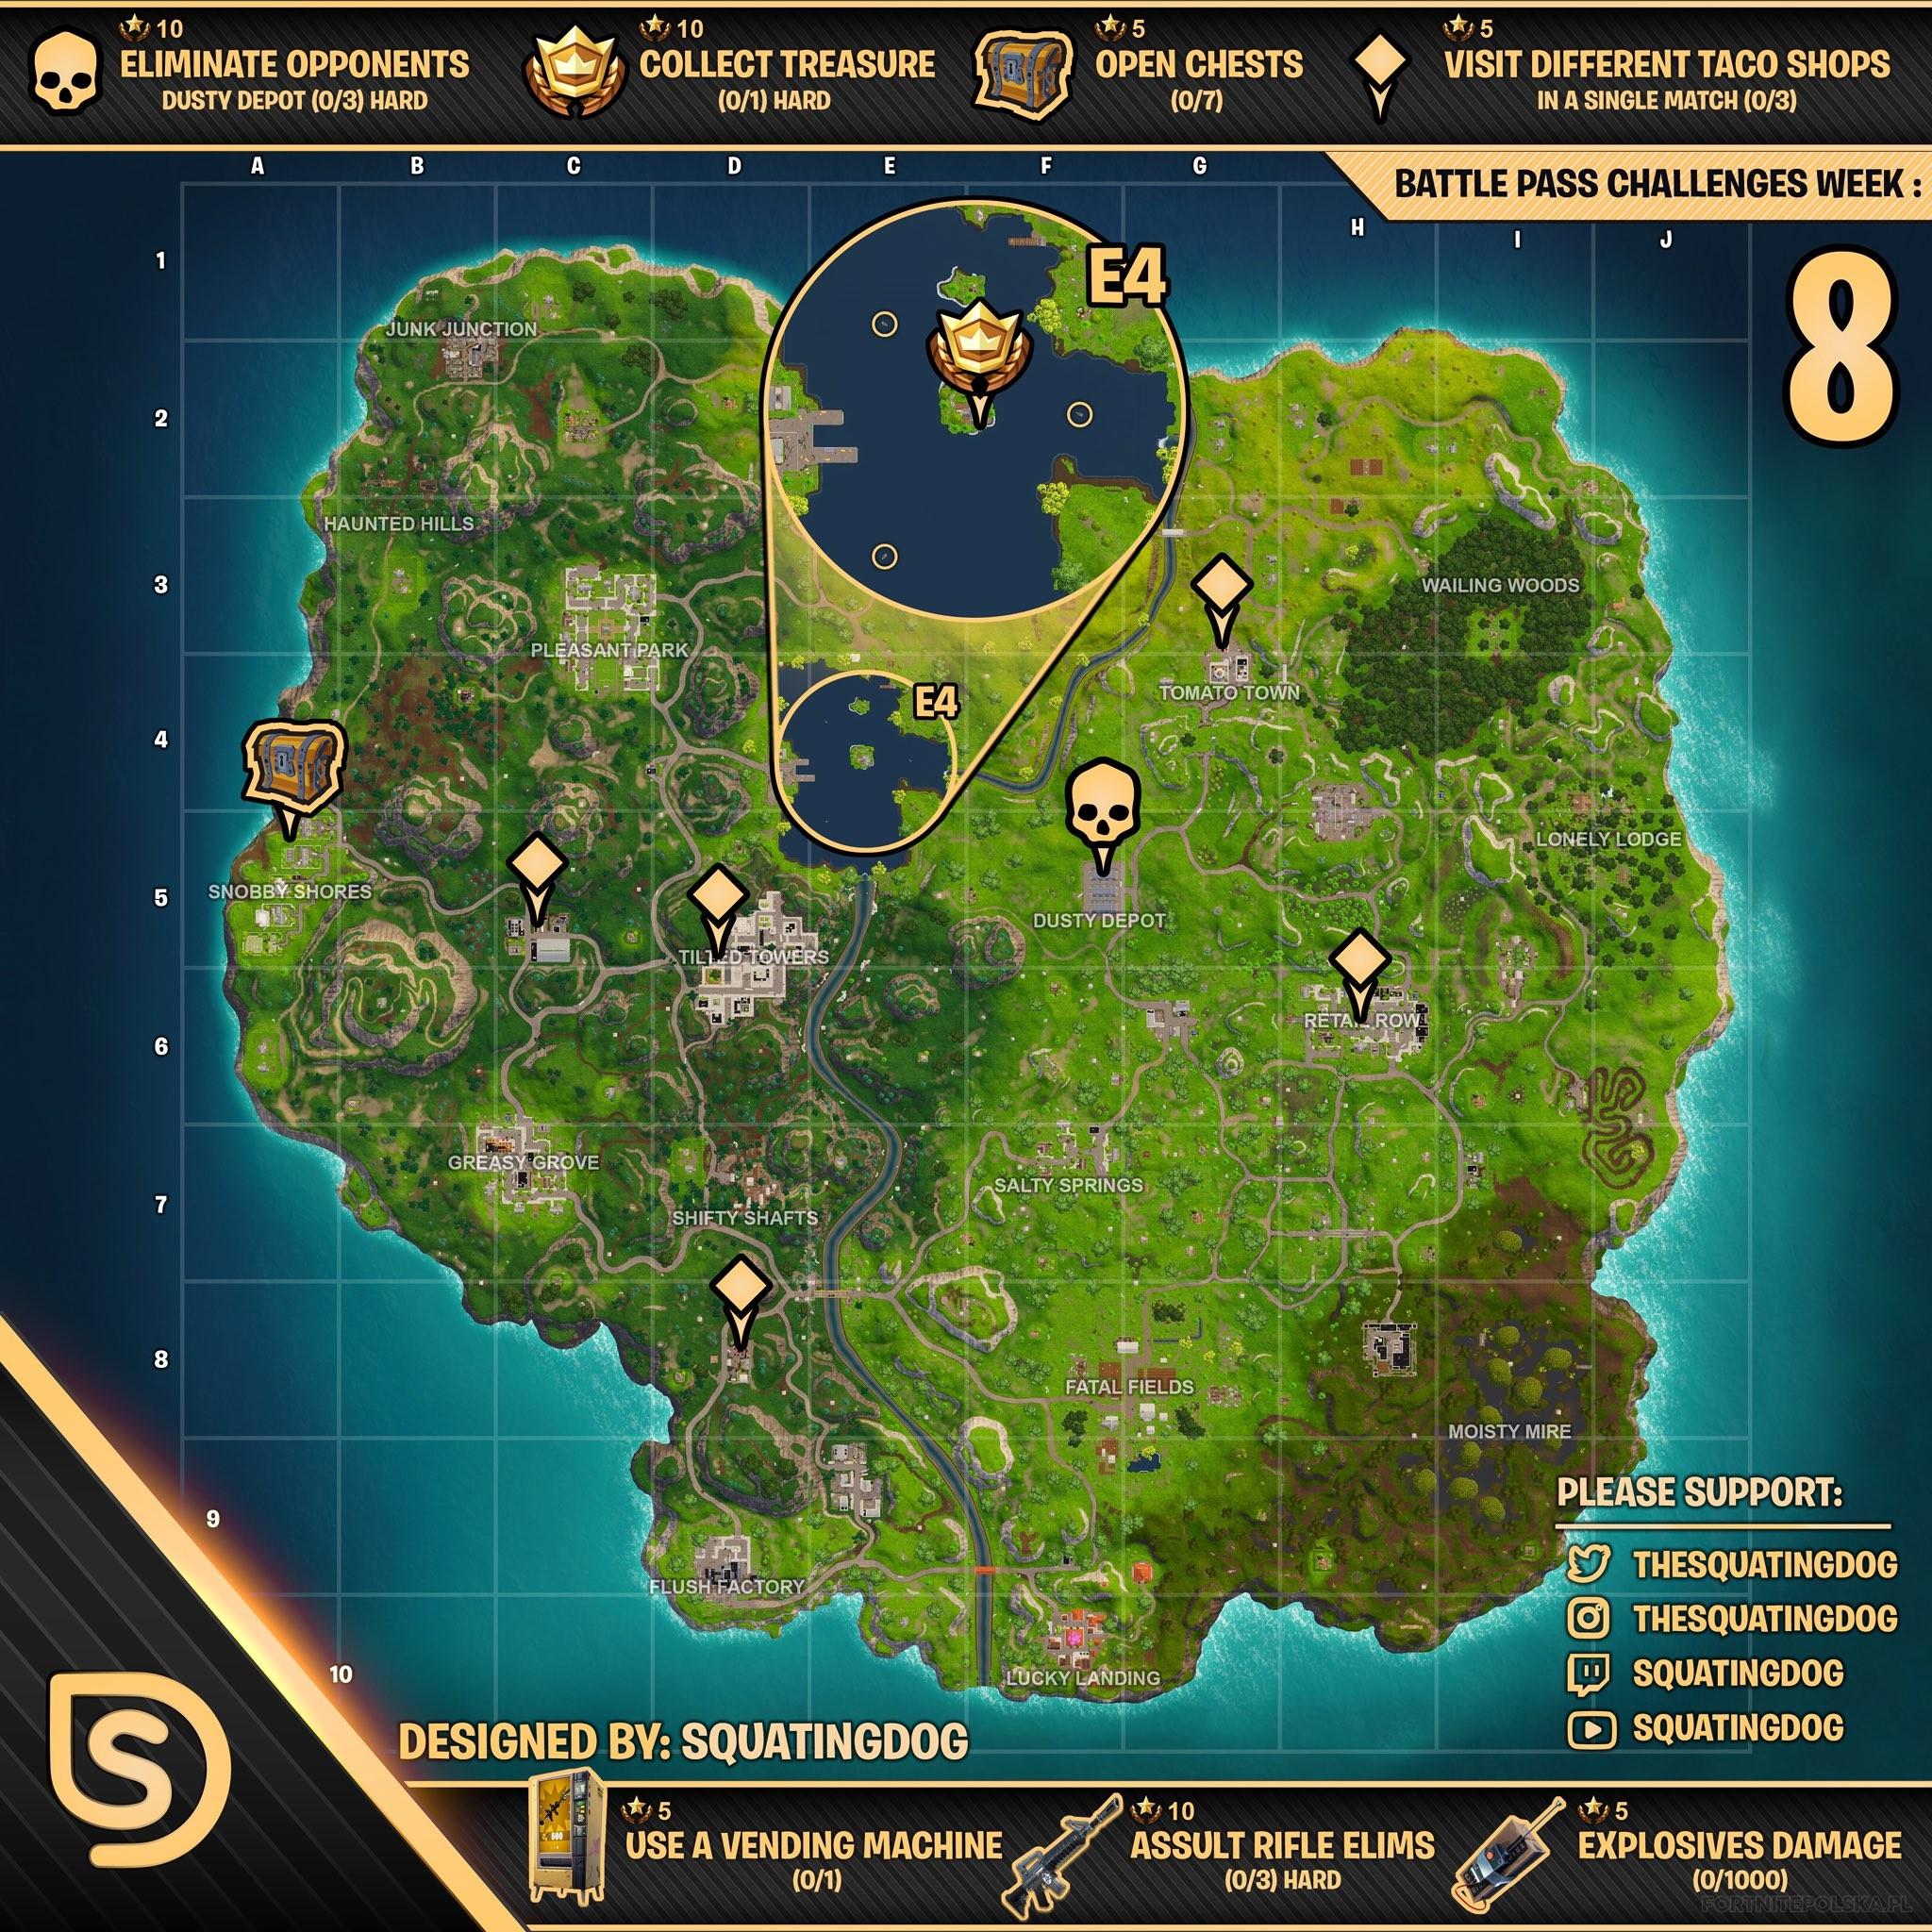 miejscowki wszystkich wyzwan - automaty na mapie fortnite sezon 8